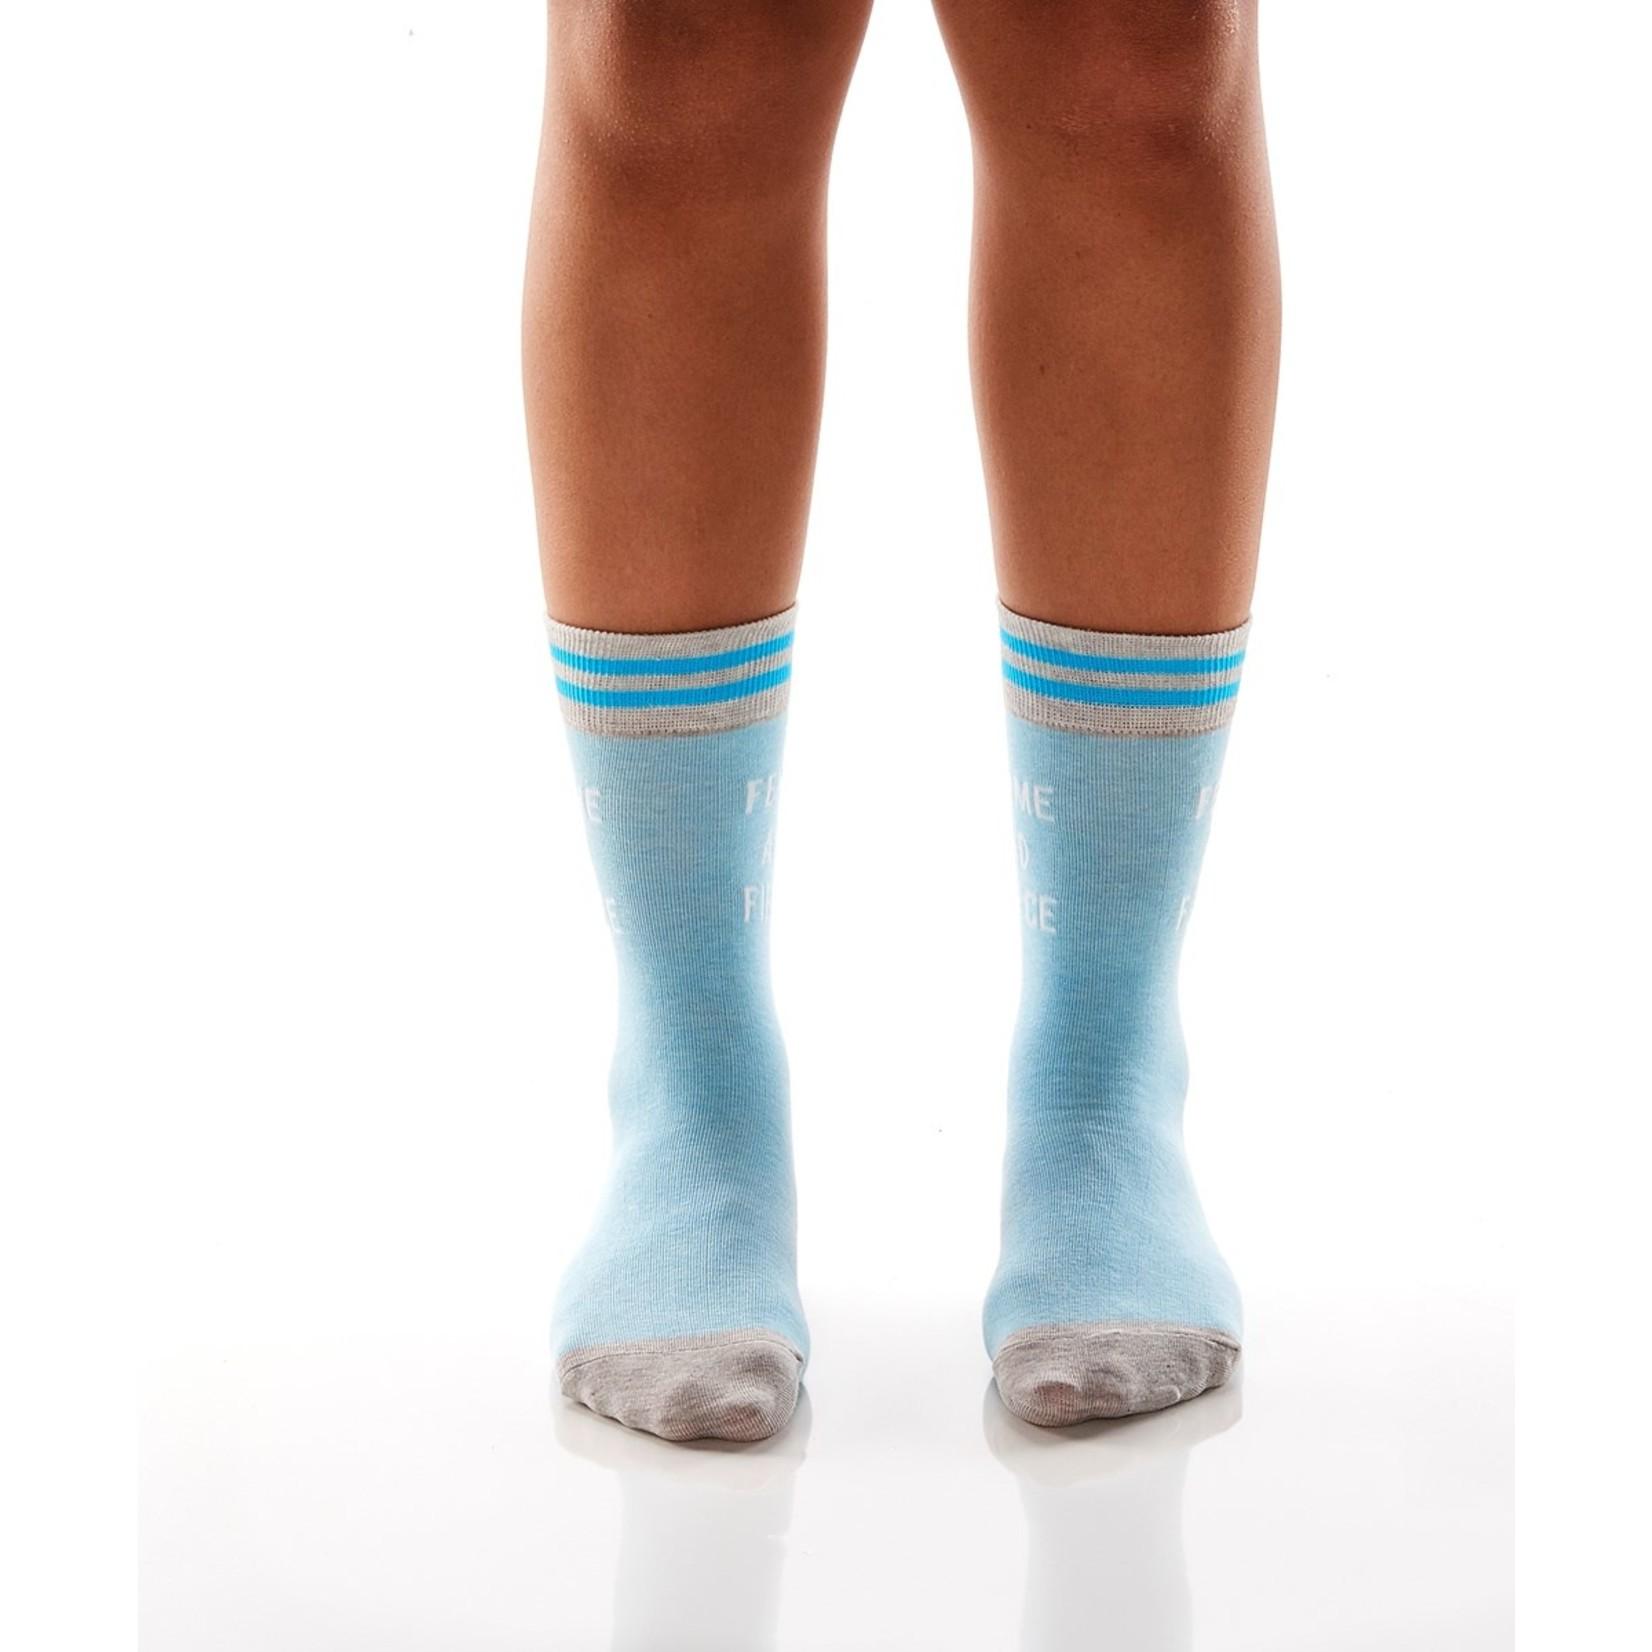 Femme And Fierce Women's Crew Socks